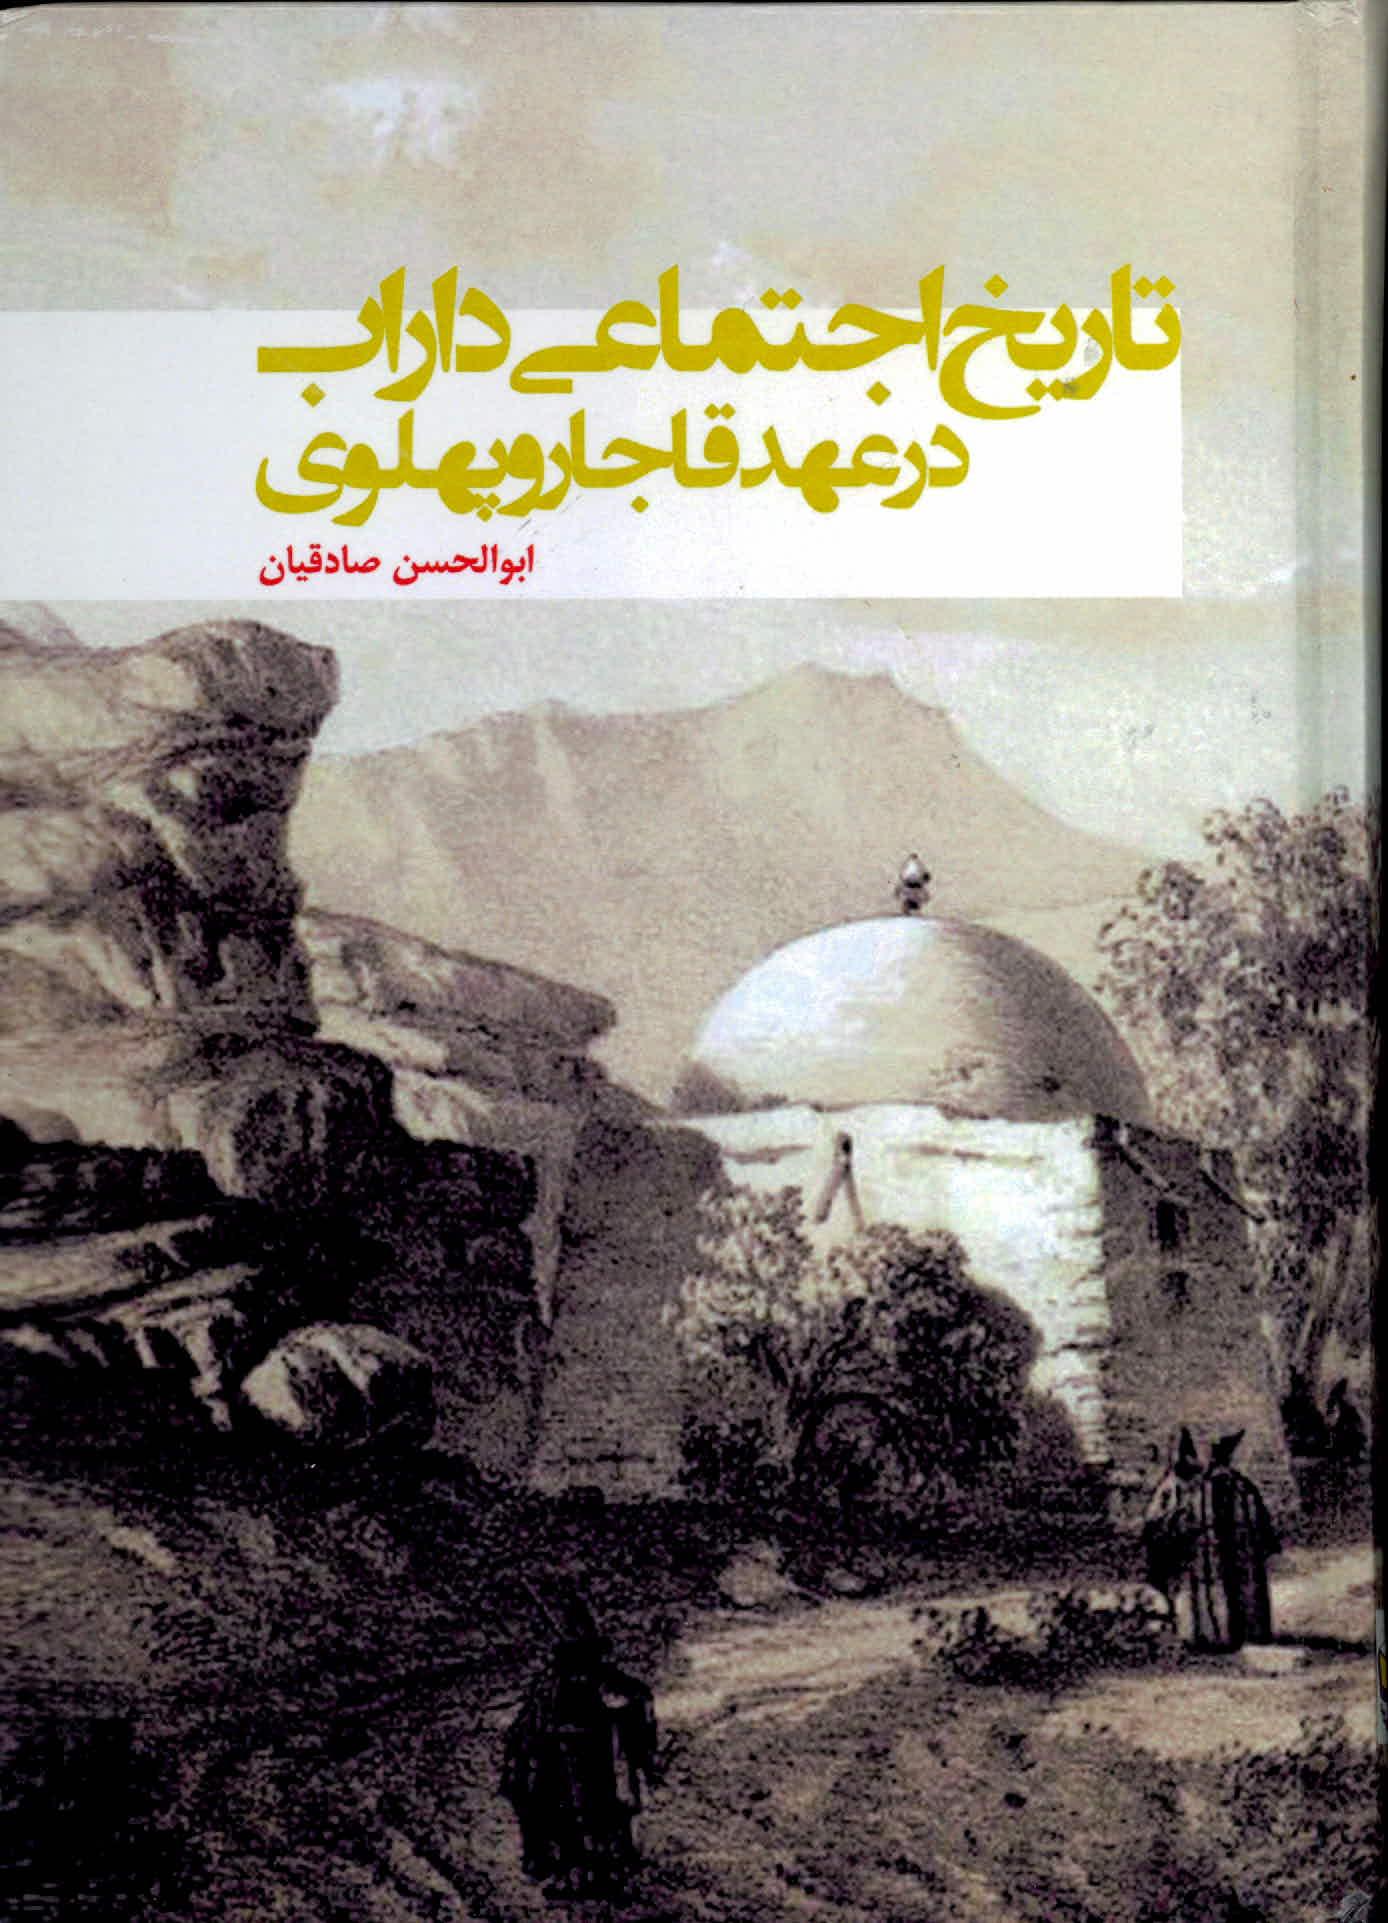 معرفی کتاب تاریخ اجتماعی داراب در عهد قاجار و پهلوی